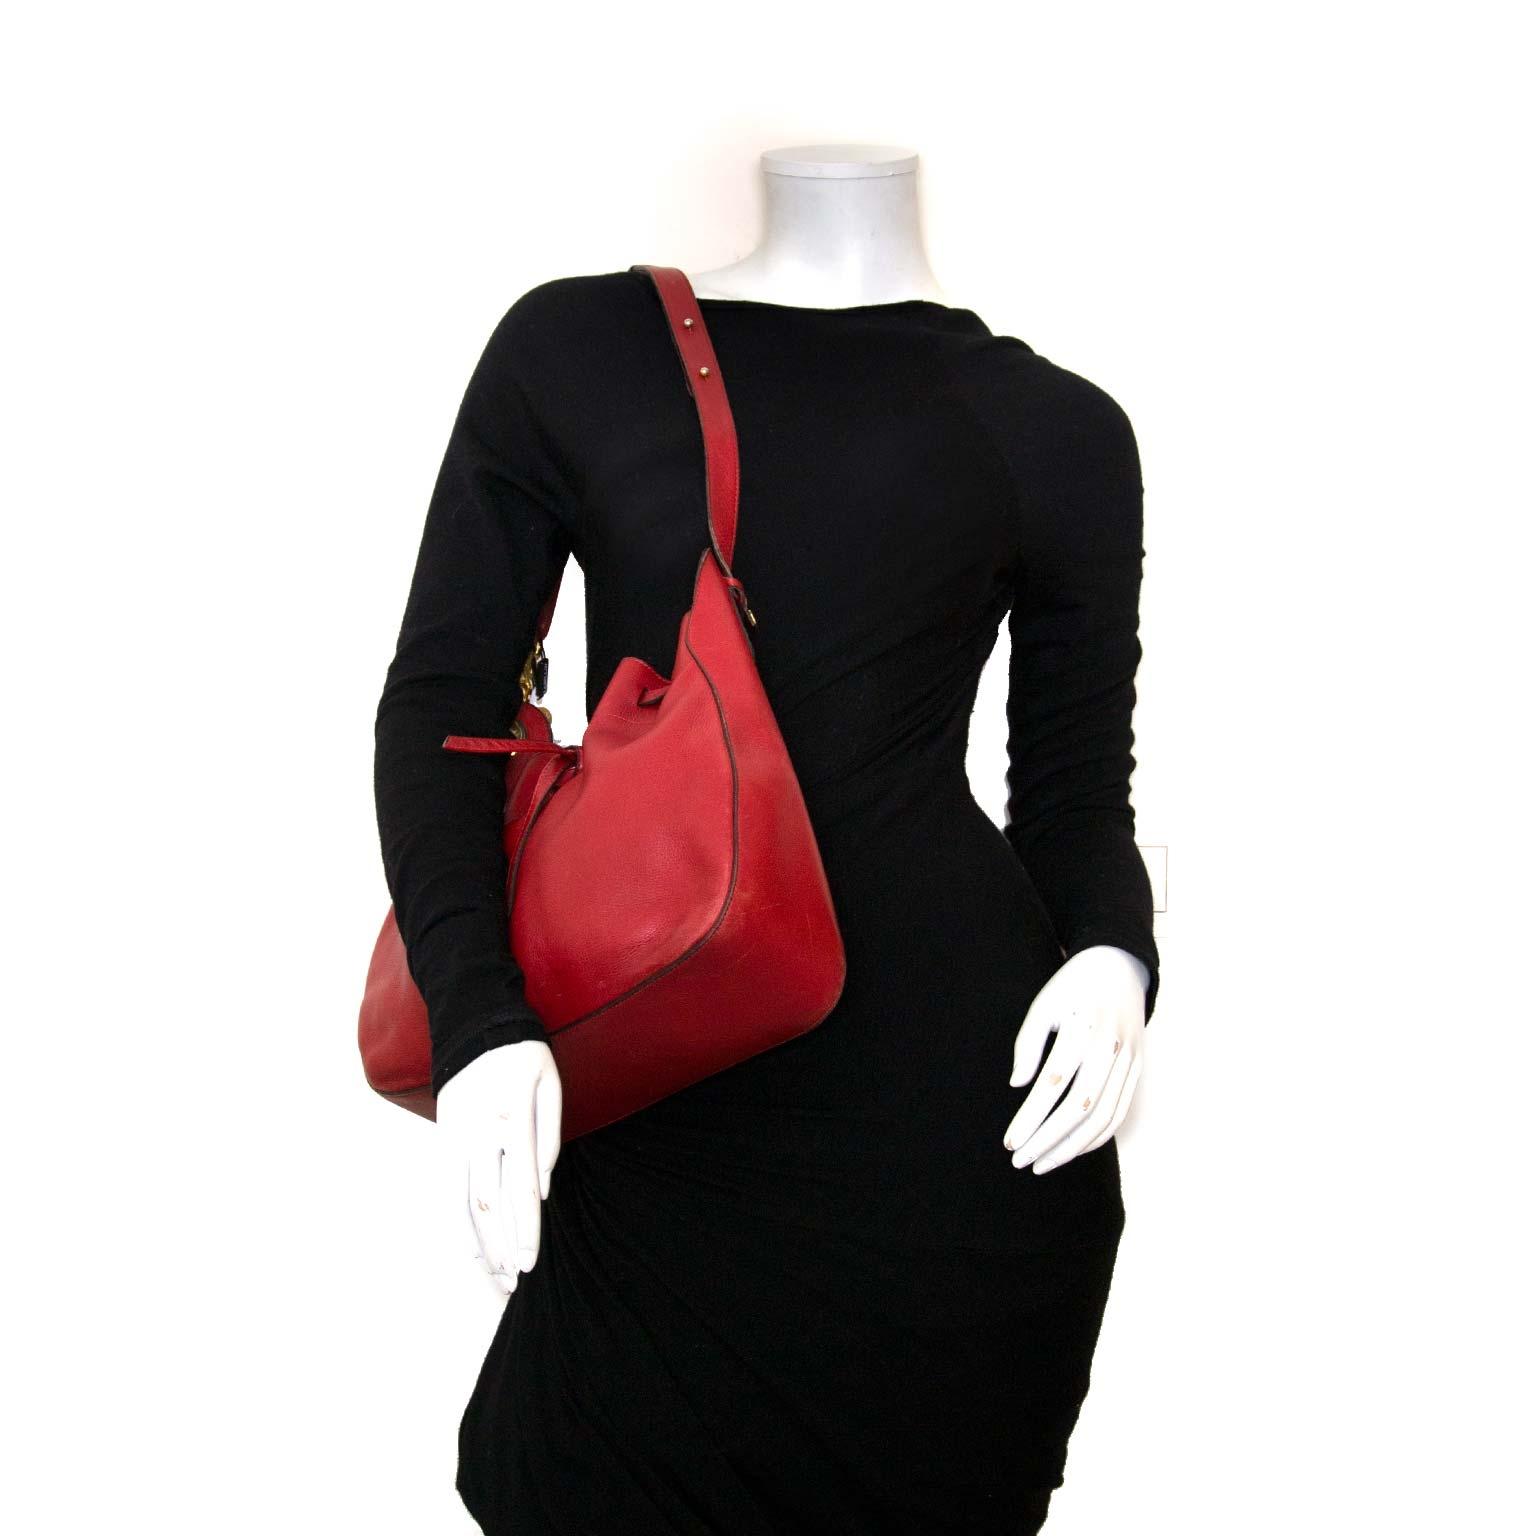 koop authentieke delvaux tassen bij labellov vintage mode webshop